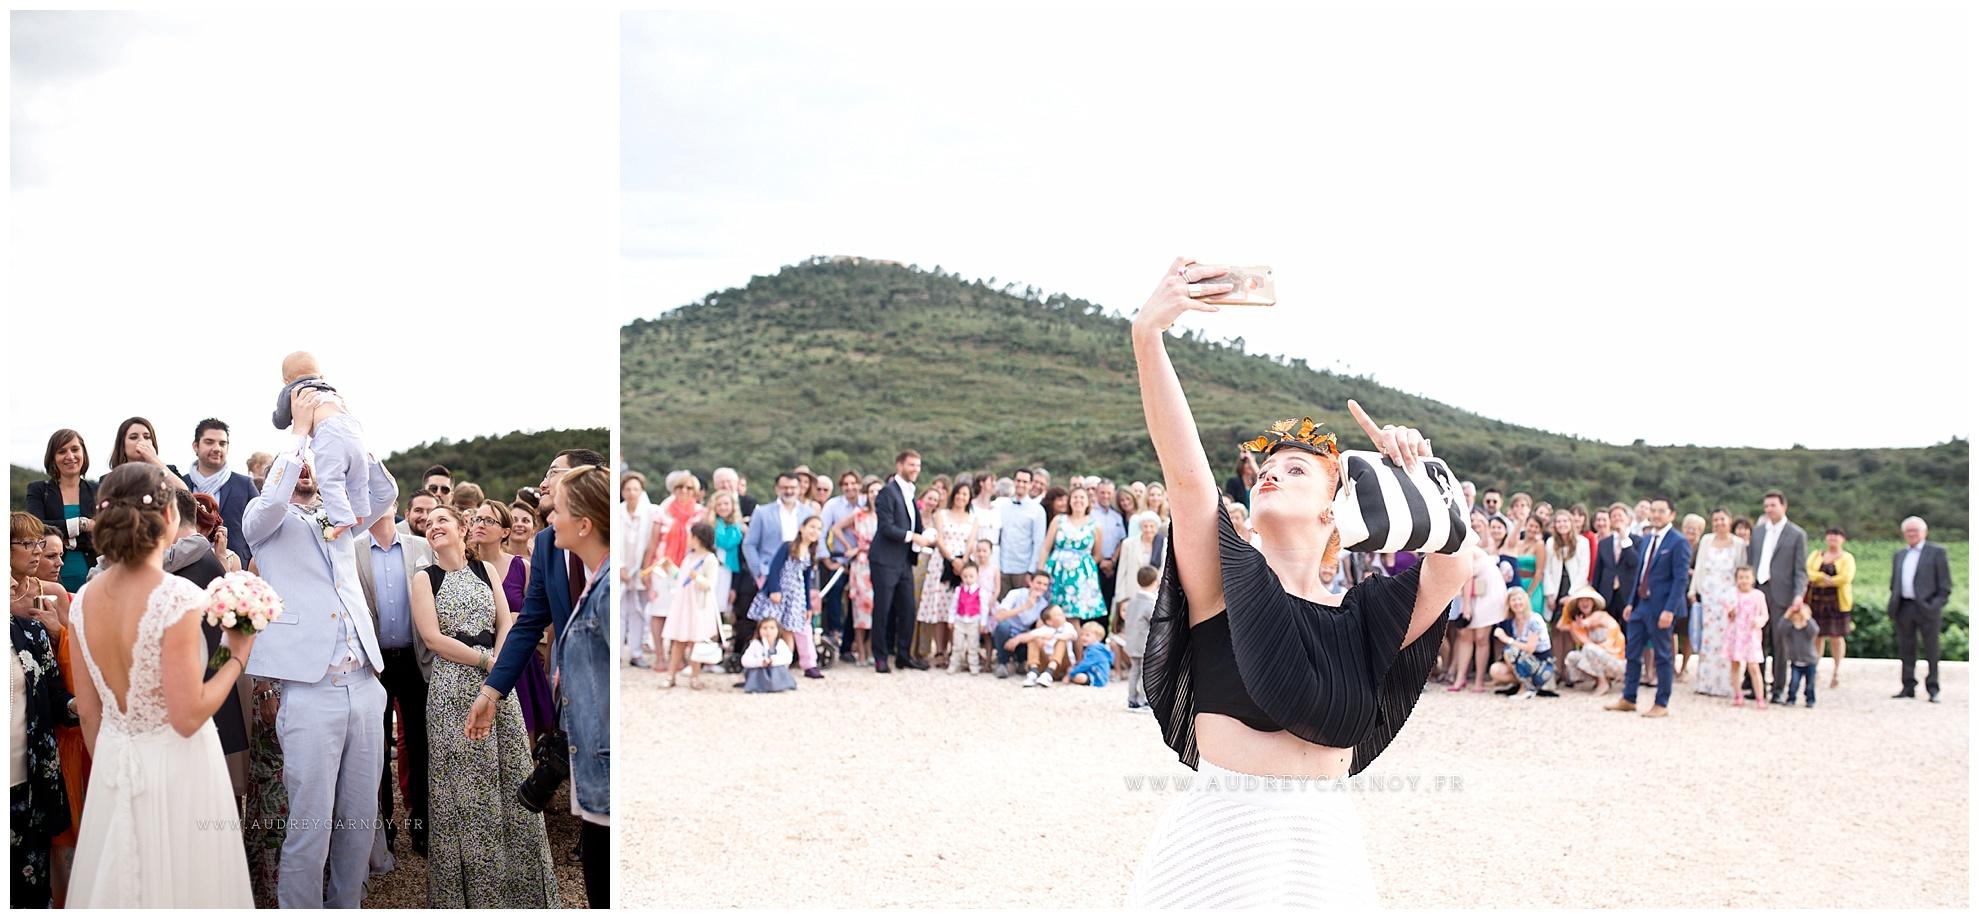 Mariage au domaine de la Bouverie - Roquebrunes sur Argens | Sophie & Nicolas 41